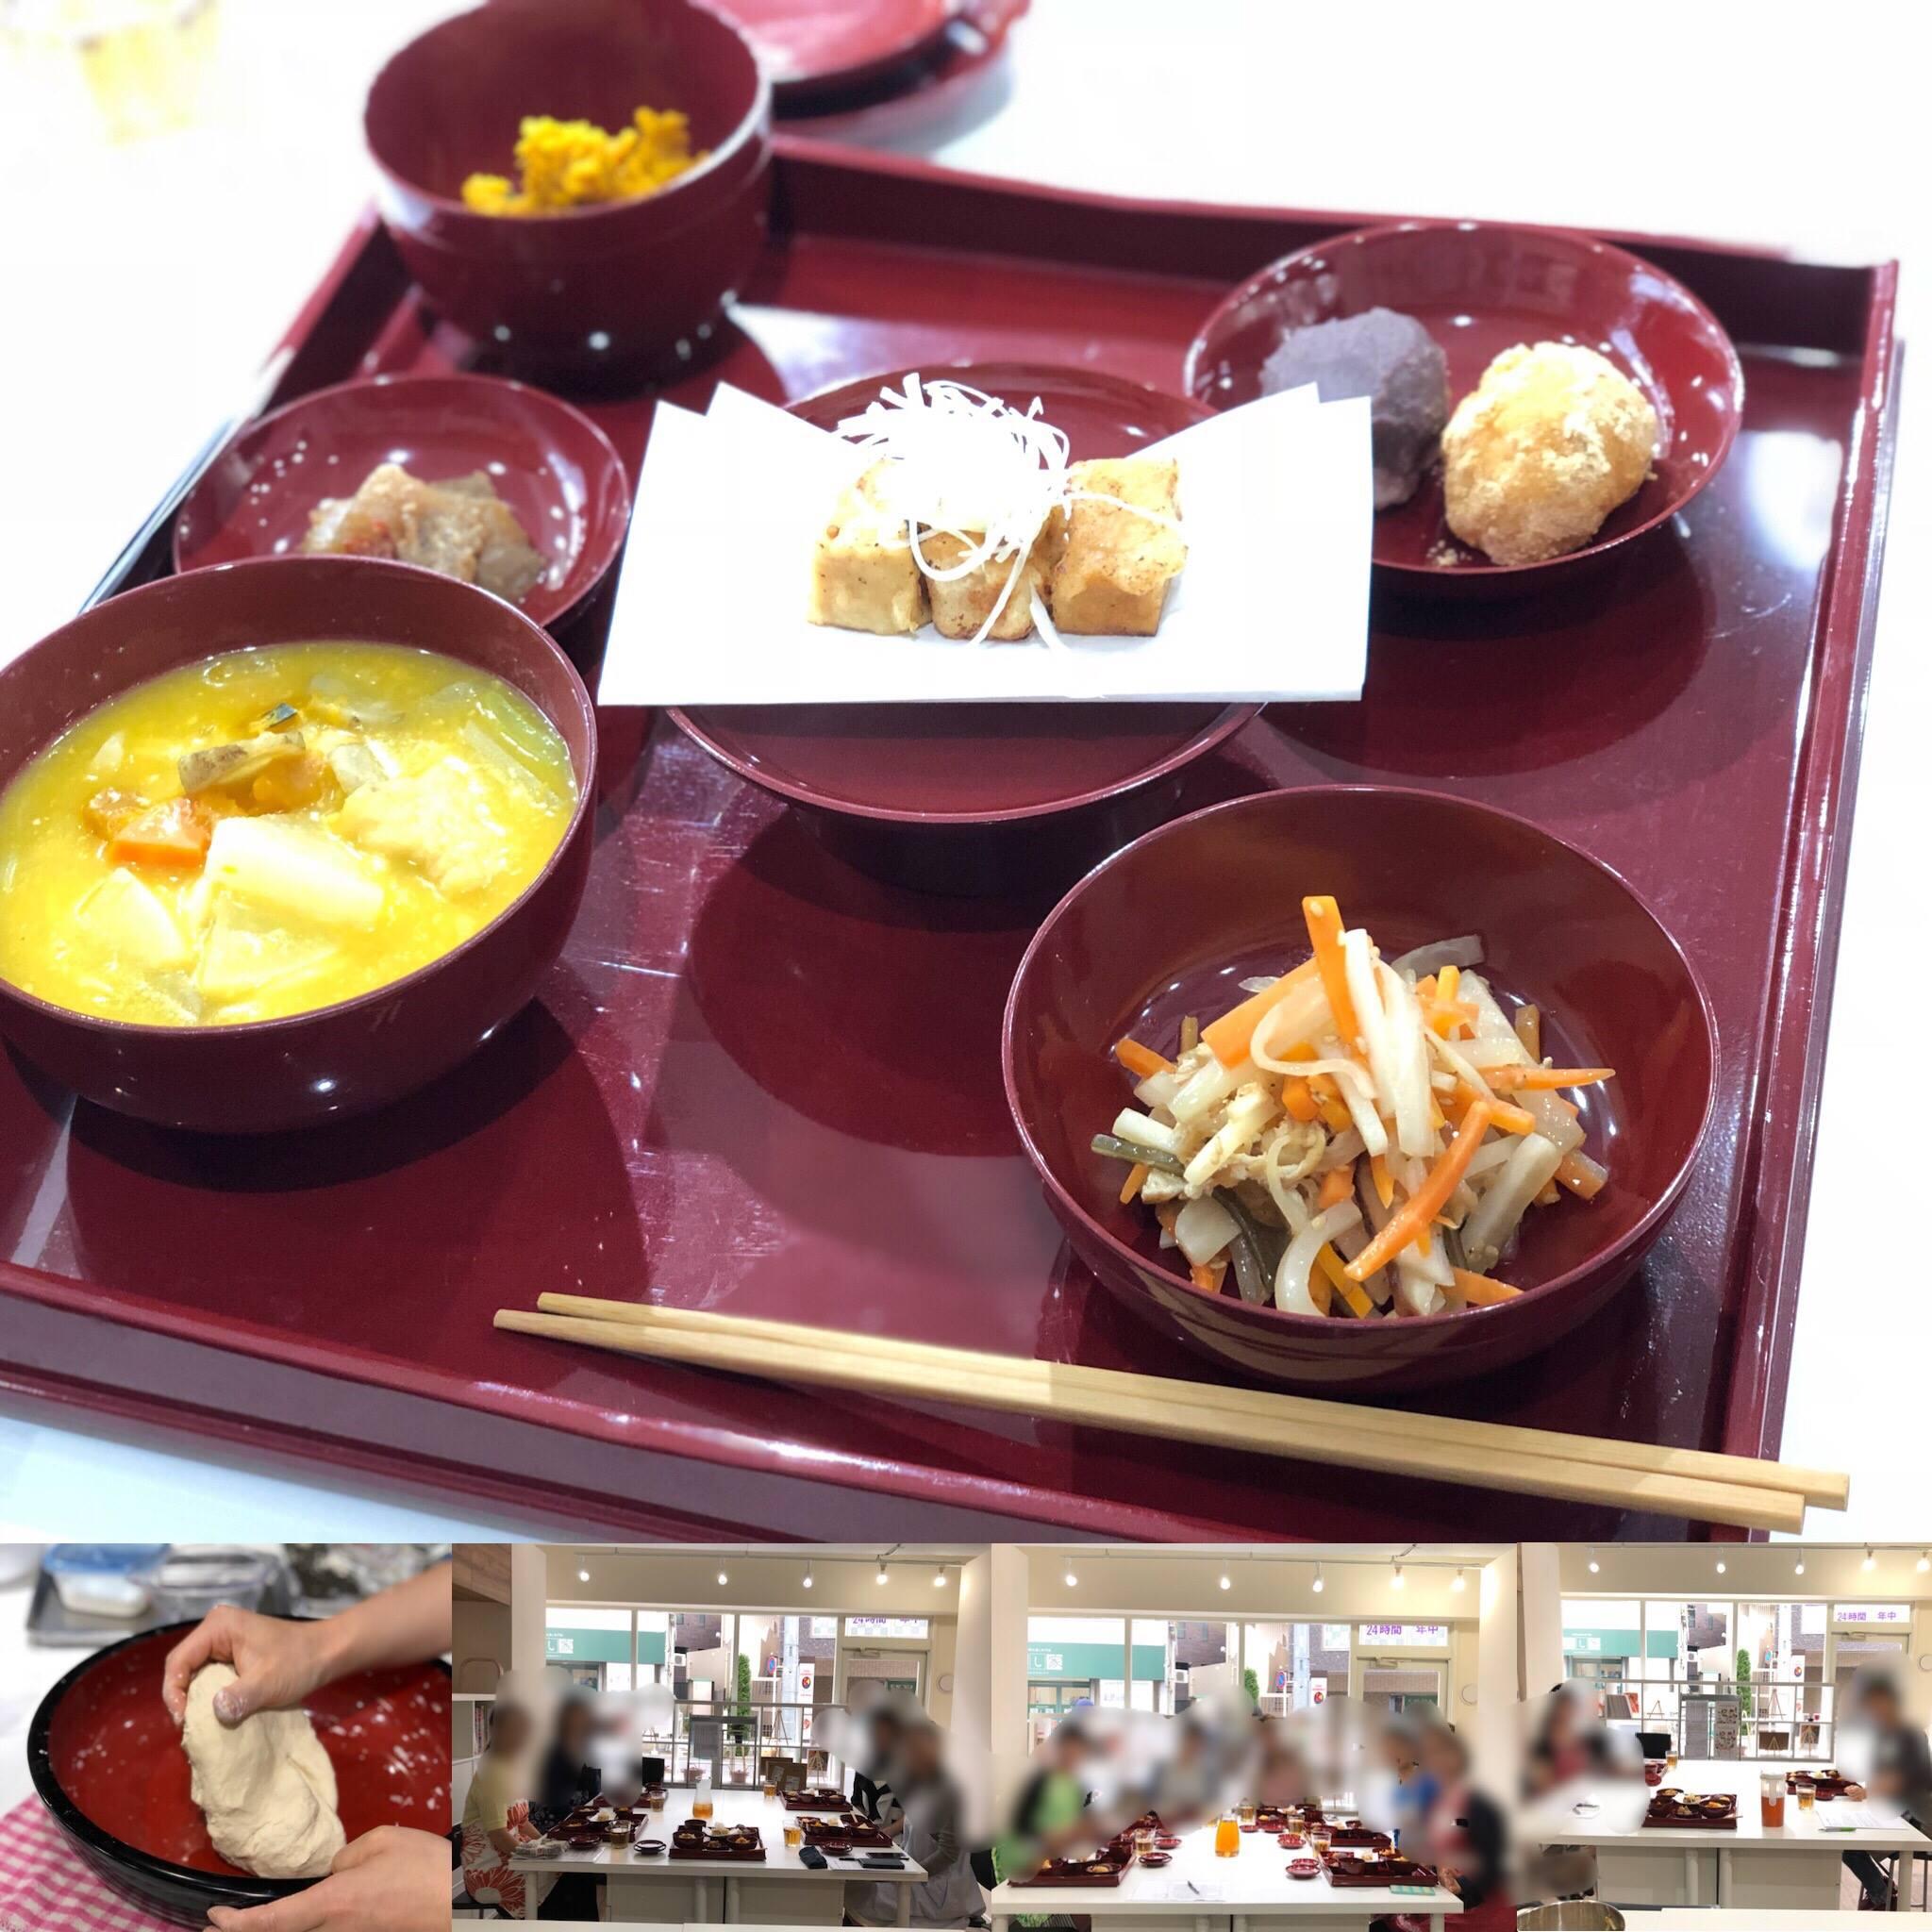 (和ごはん研究会)-活動報告-「2018年10月伝統精進料理教室」開催しました!